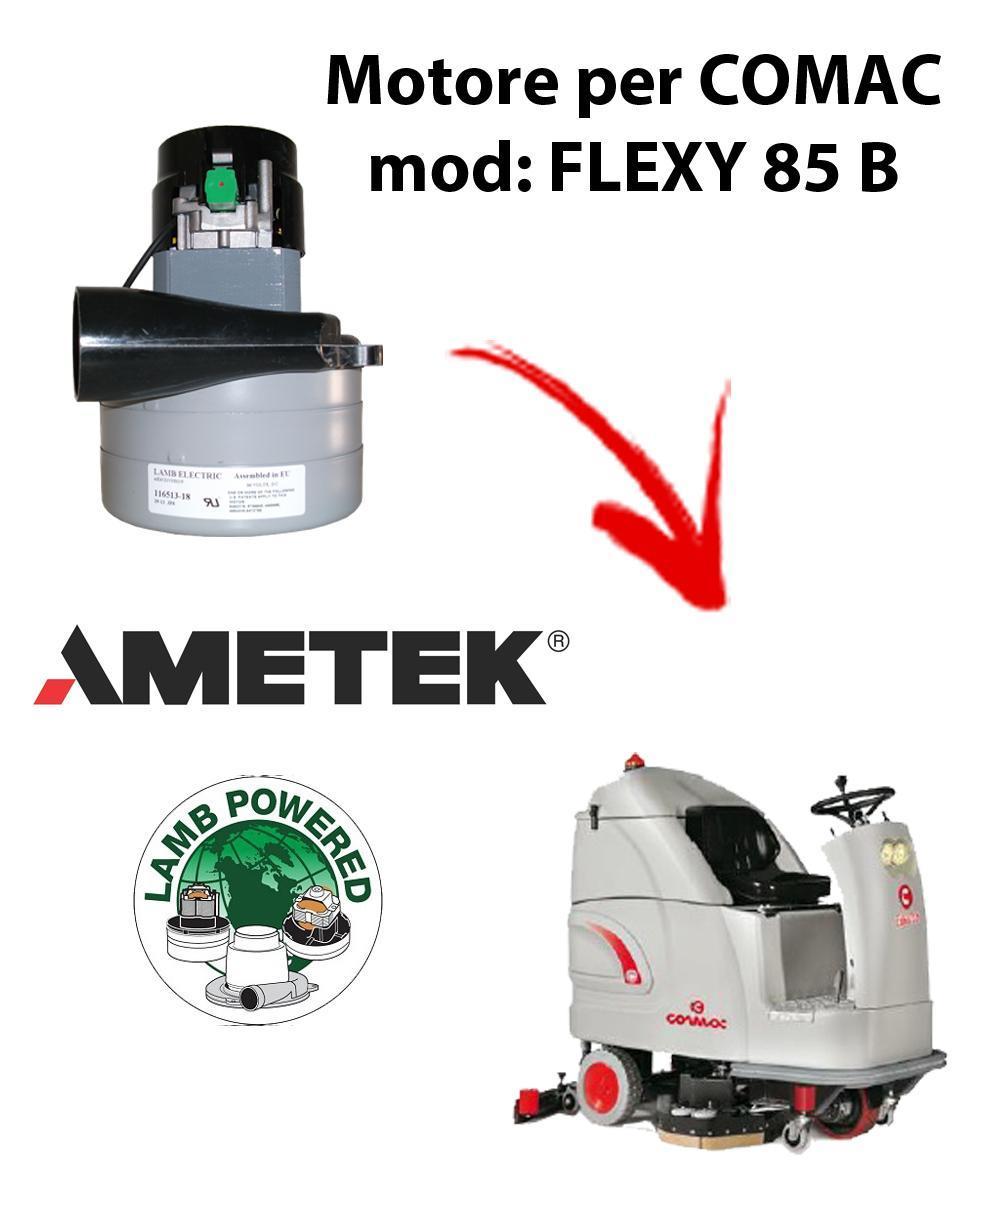 FLEXY 85 B Motore de aspiración AMETEK para fregadora Comac